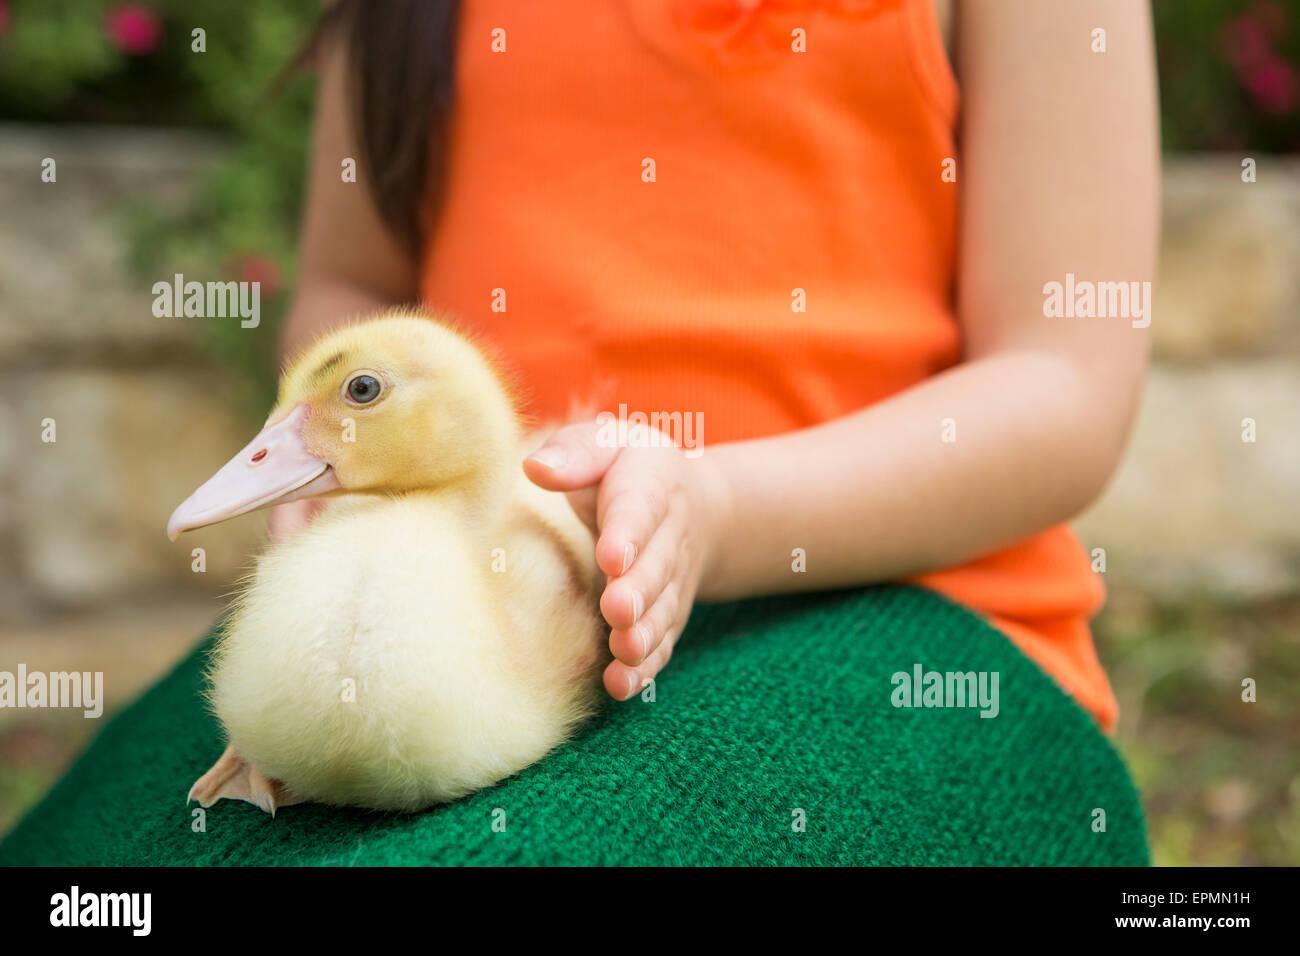 Un bambino con un anatroccolo sul suo grembo. Immagini Stock